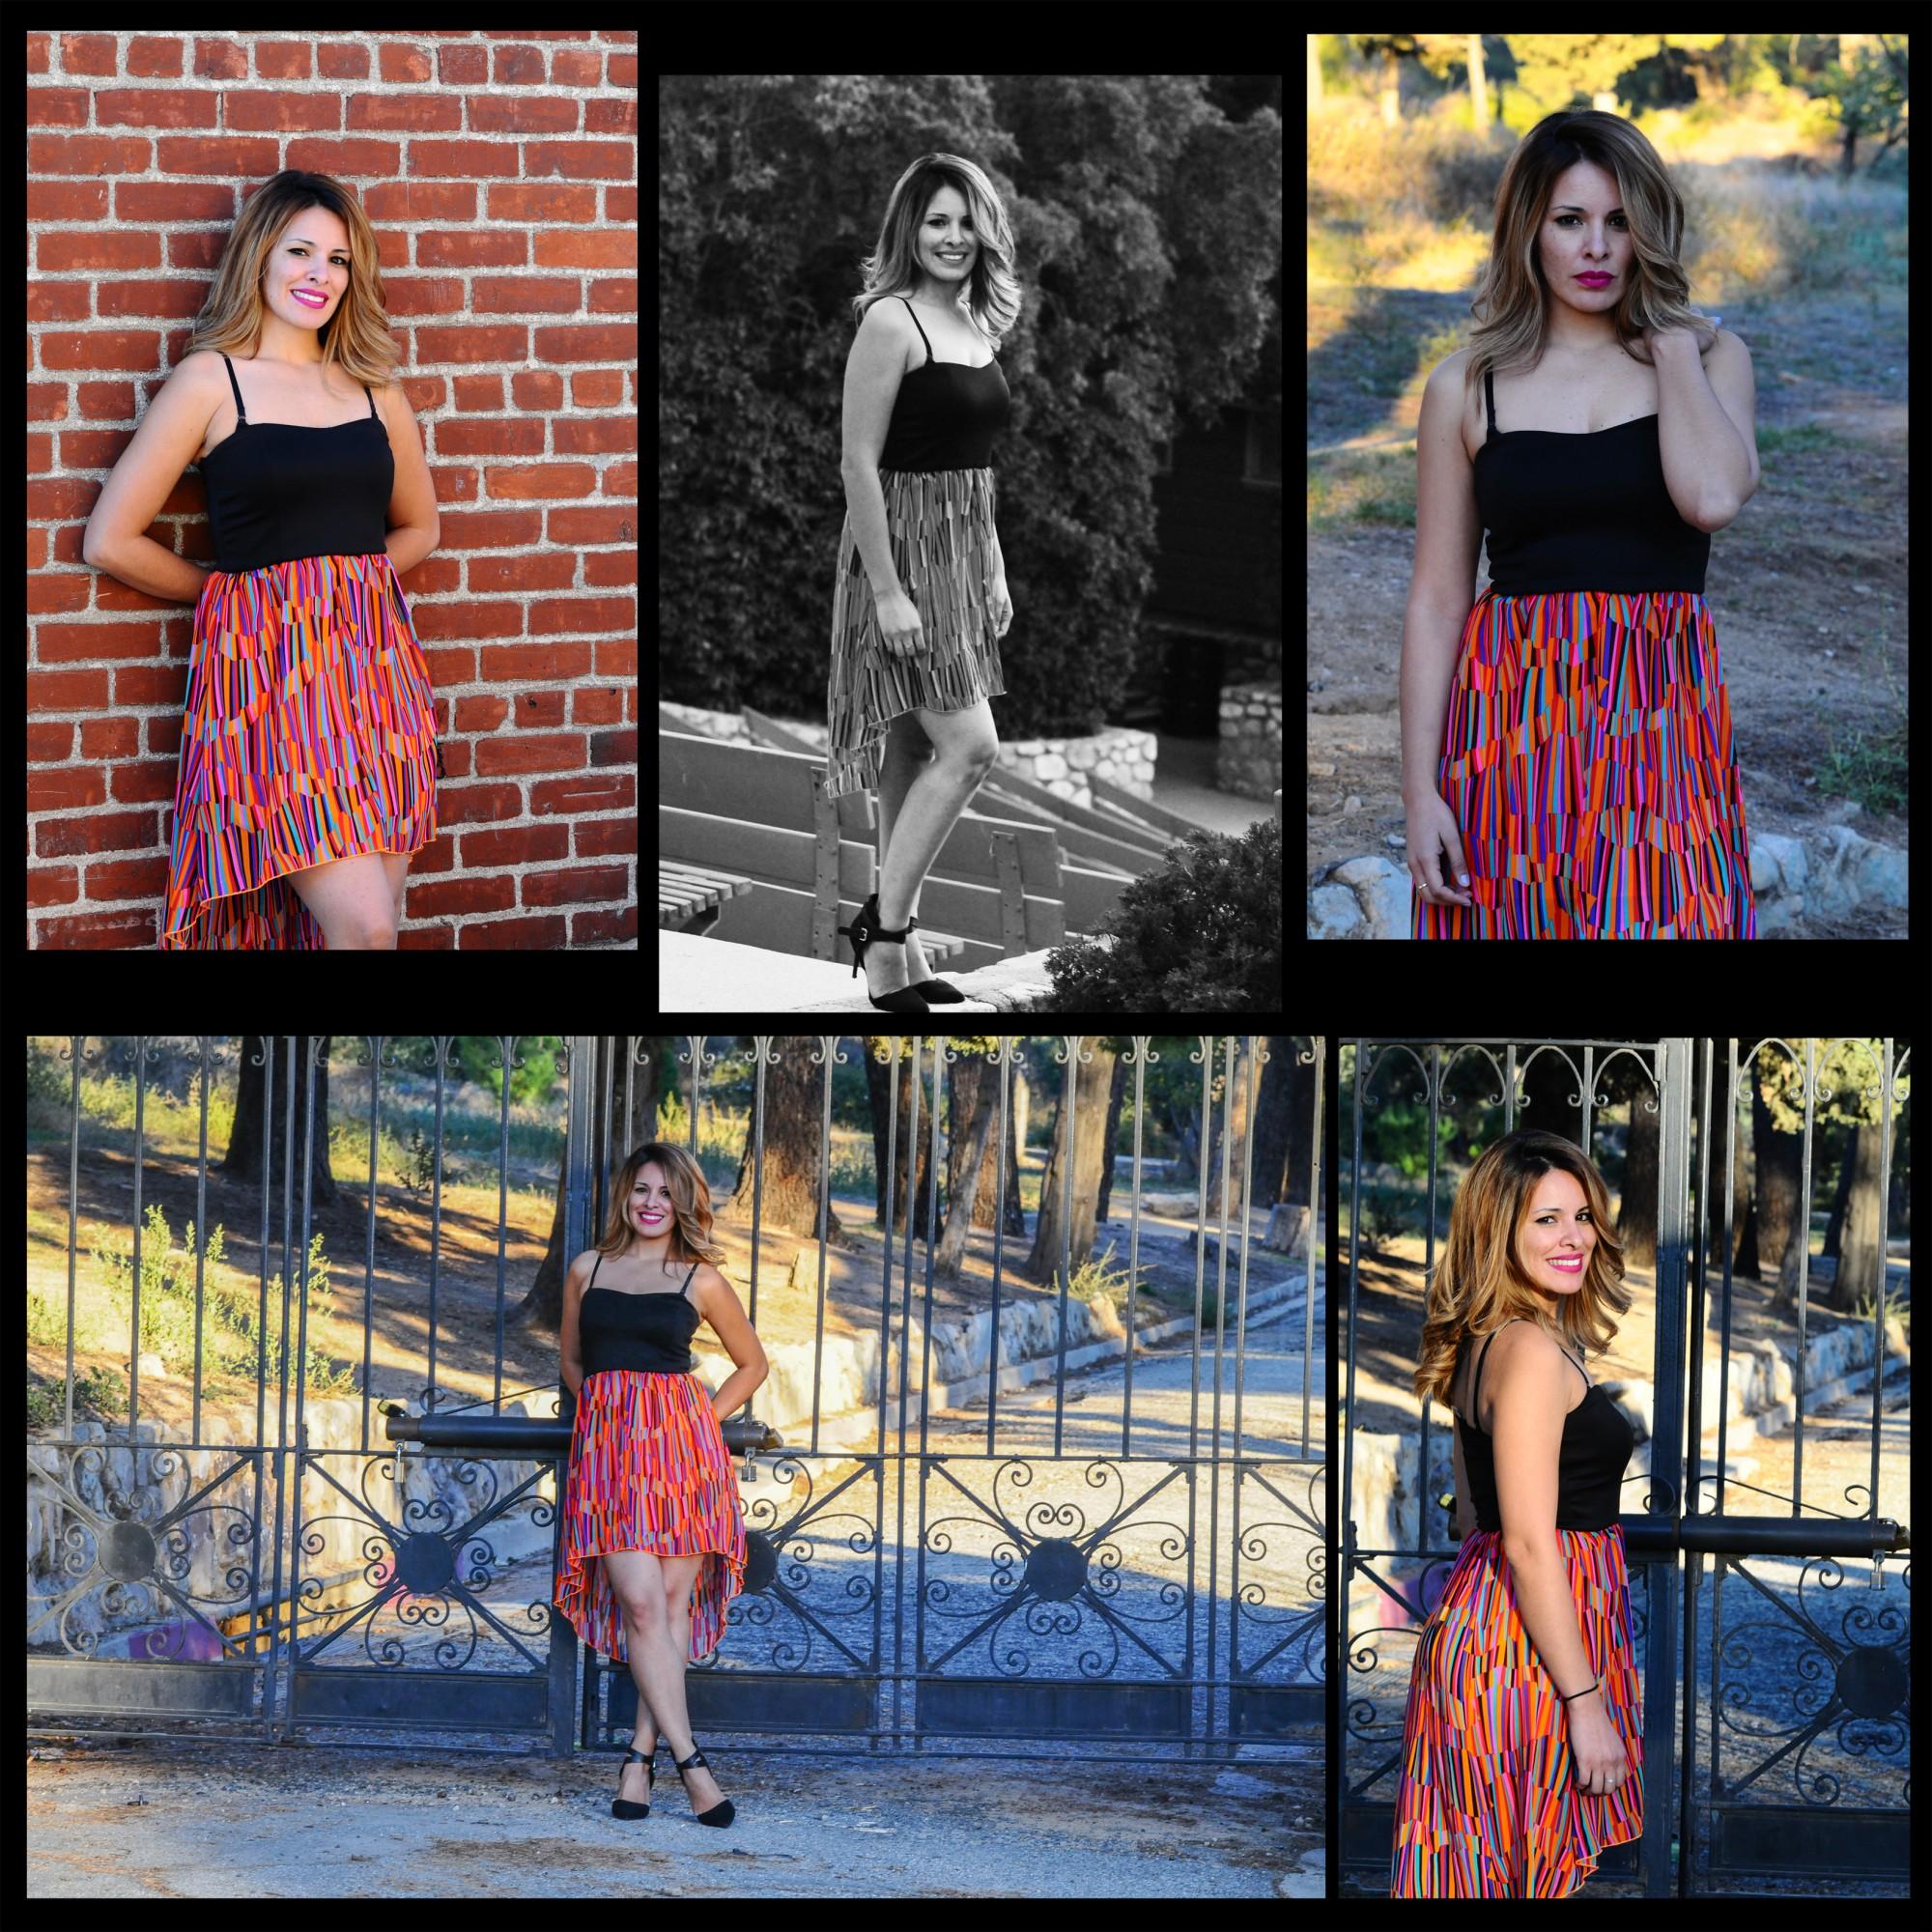 vallentin's day collage